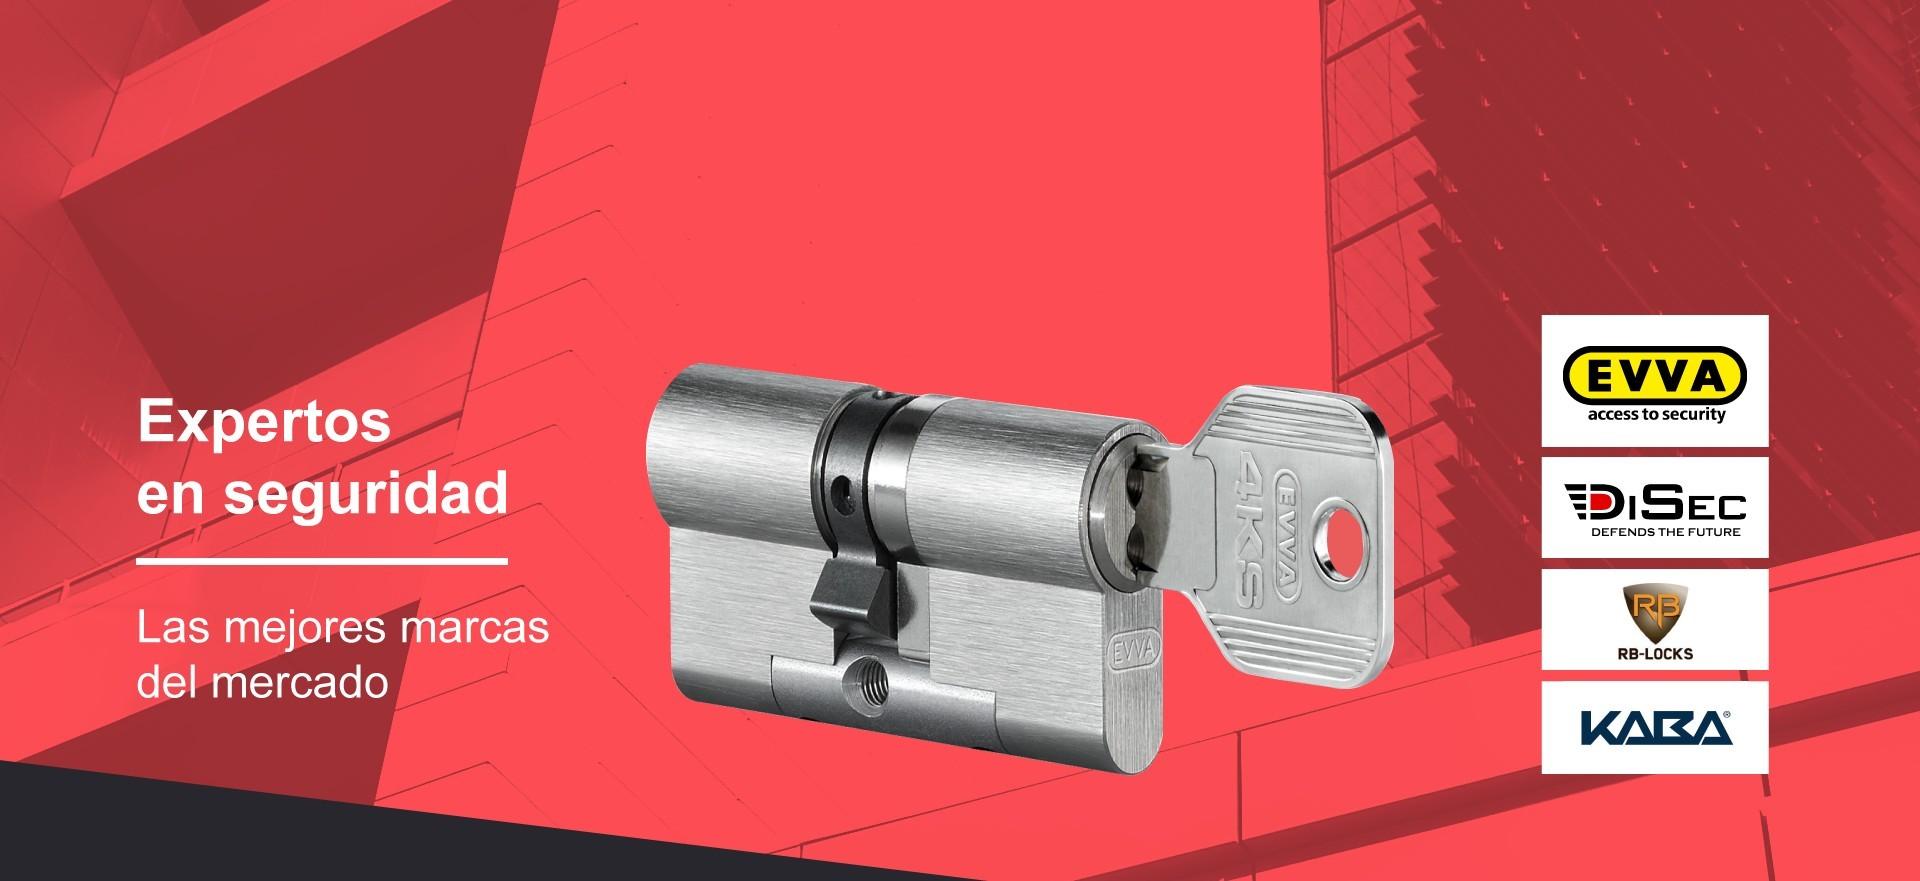 Tienda de cerraduras - expertos en seguridad